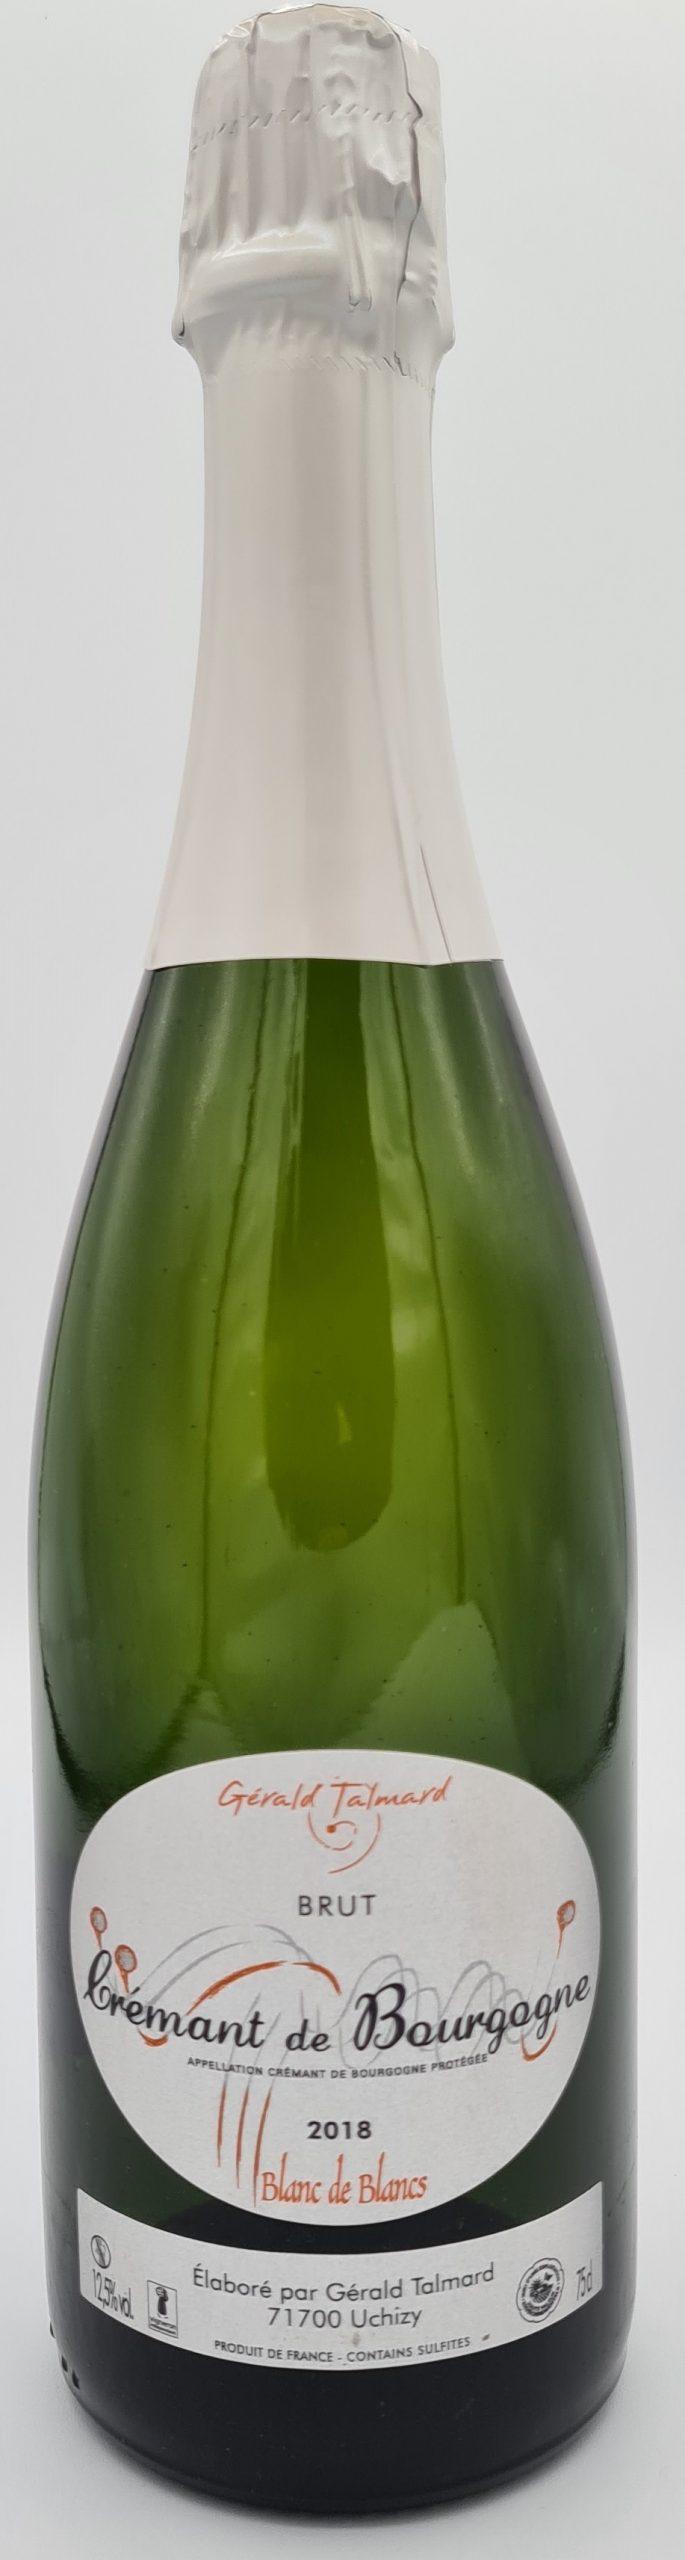 Vin de bourgogne crémant